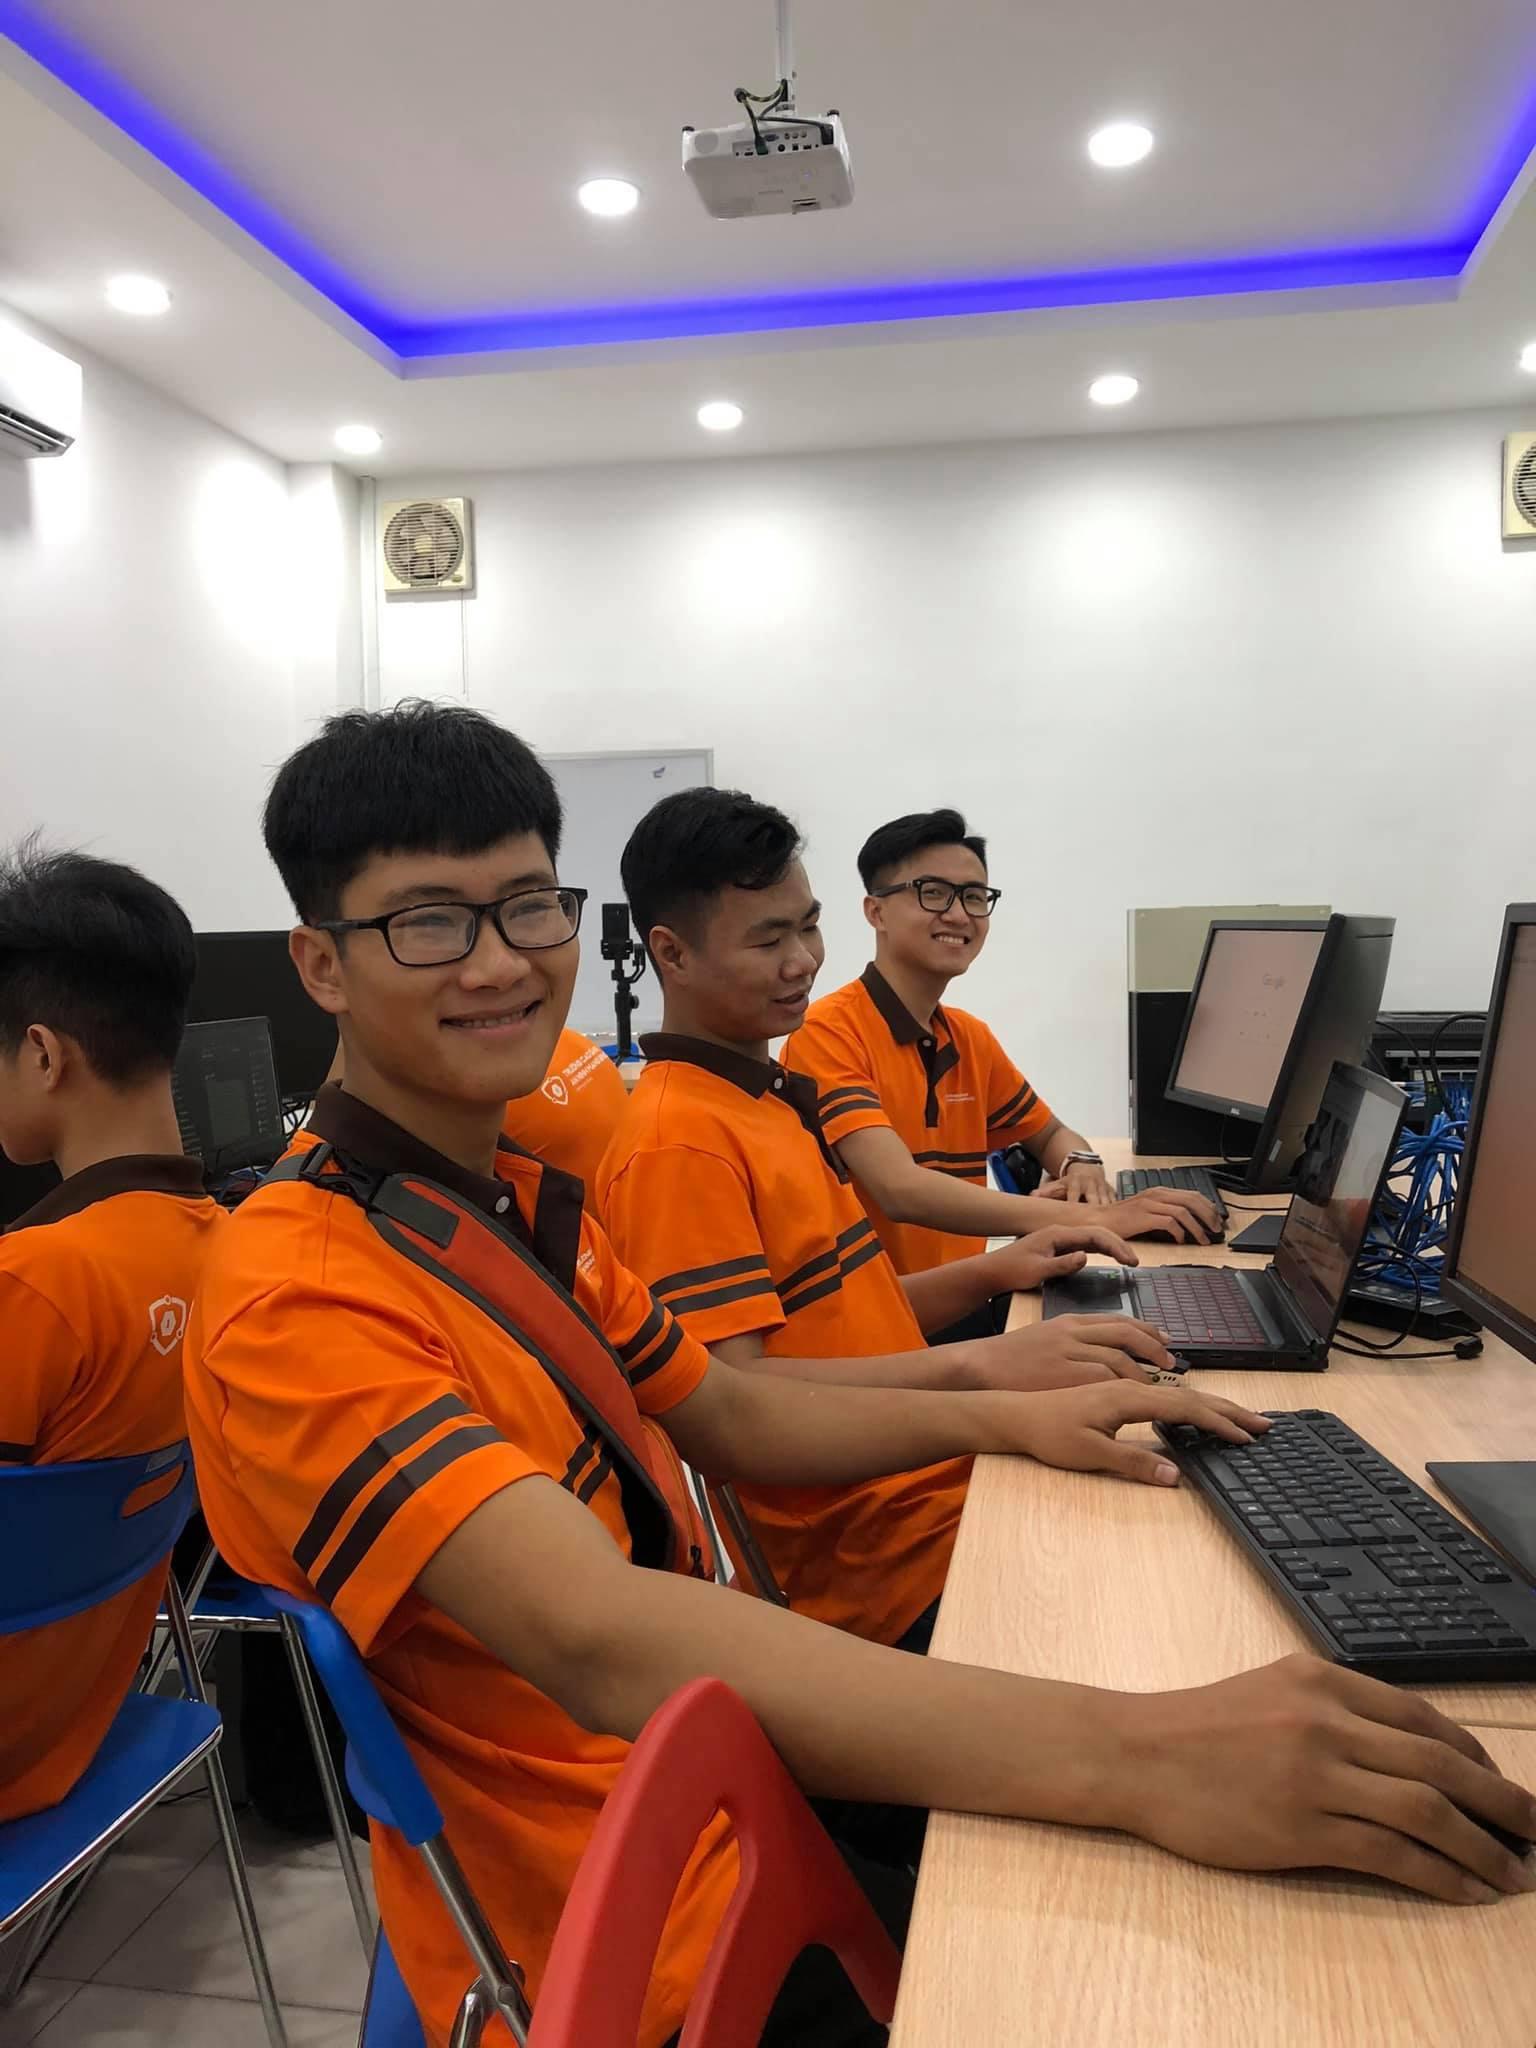 KHỞI ĐỘNG CUỘC THI SINH VIÊN – AN TOÀN THÔNG TIN ASEAN 2020